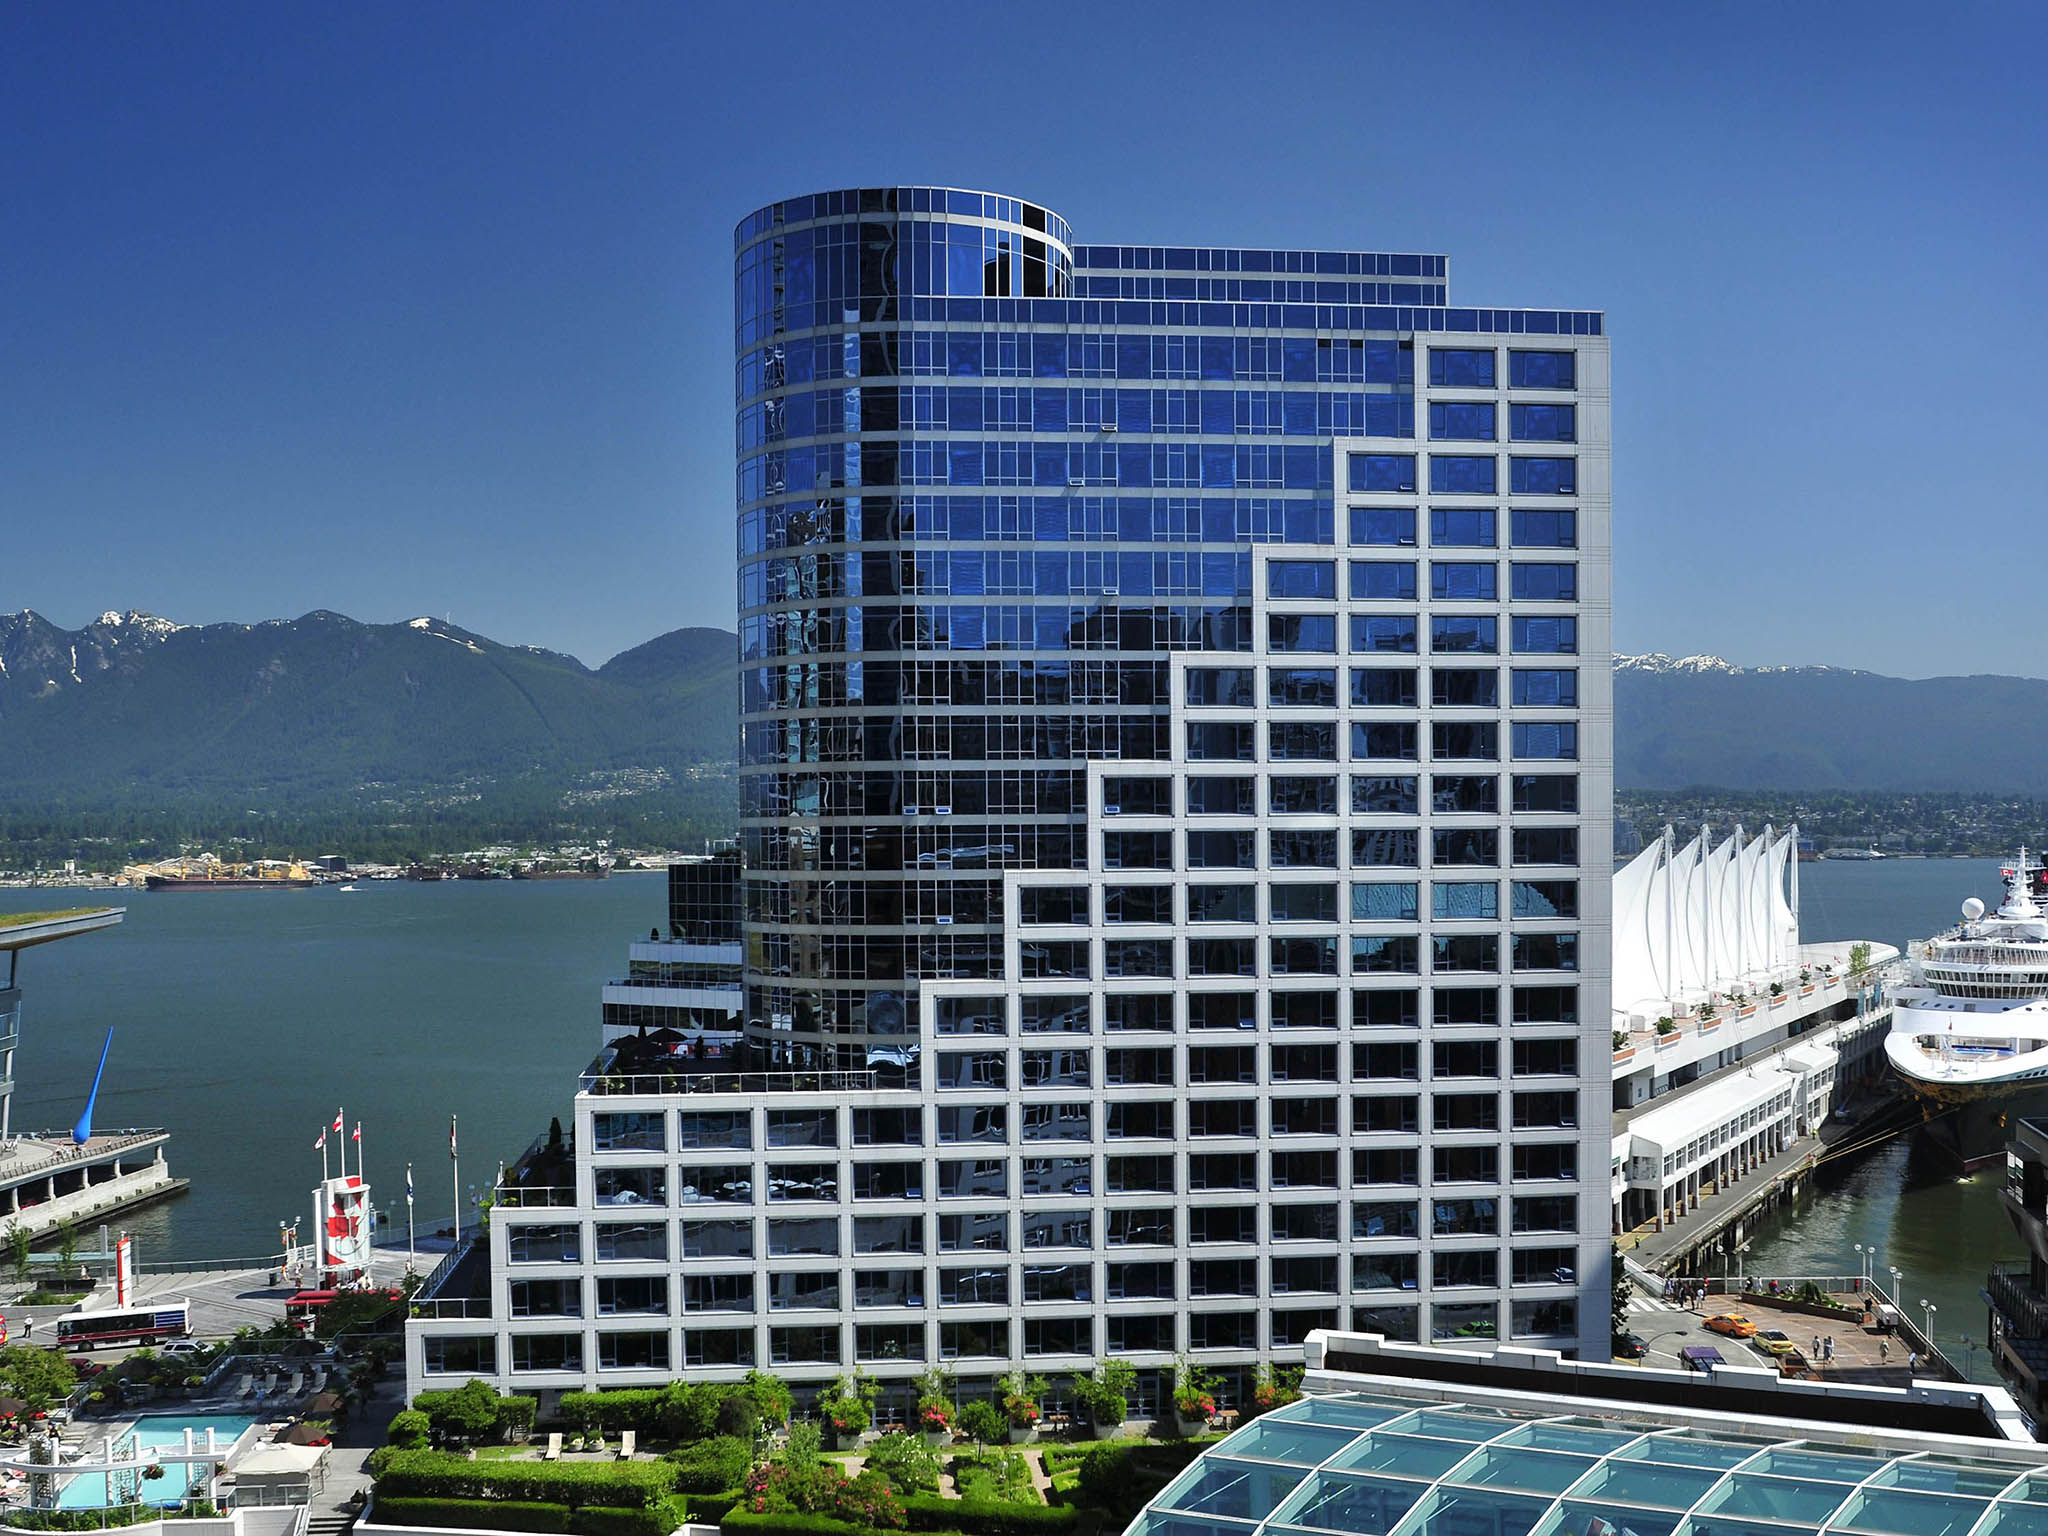 酒店 – Fairmont Waterfront 酒店